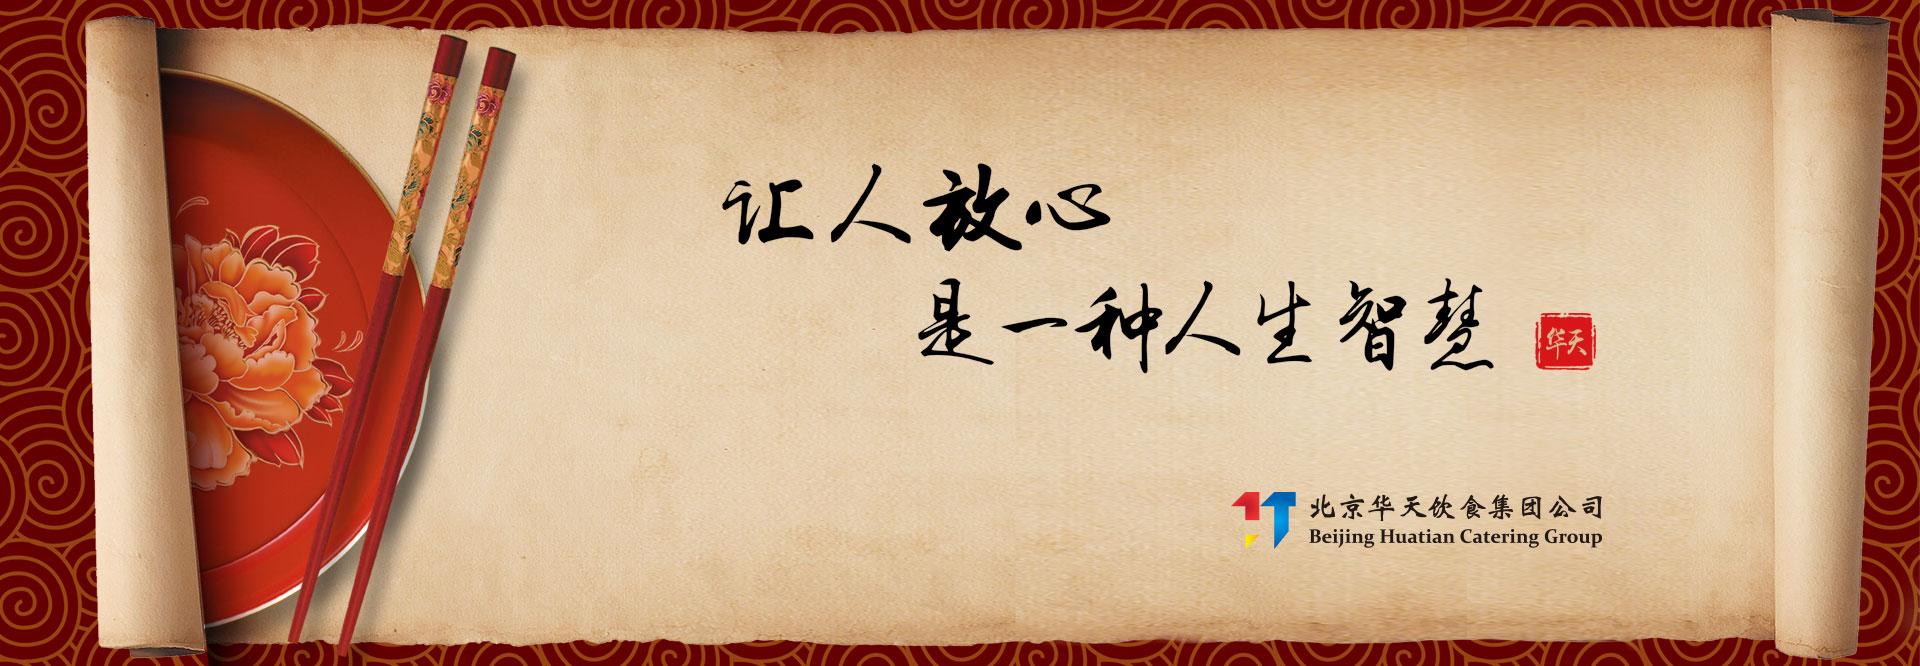 北京華天飲食集團公司